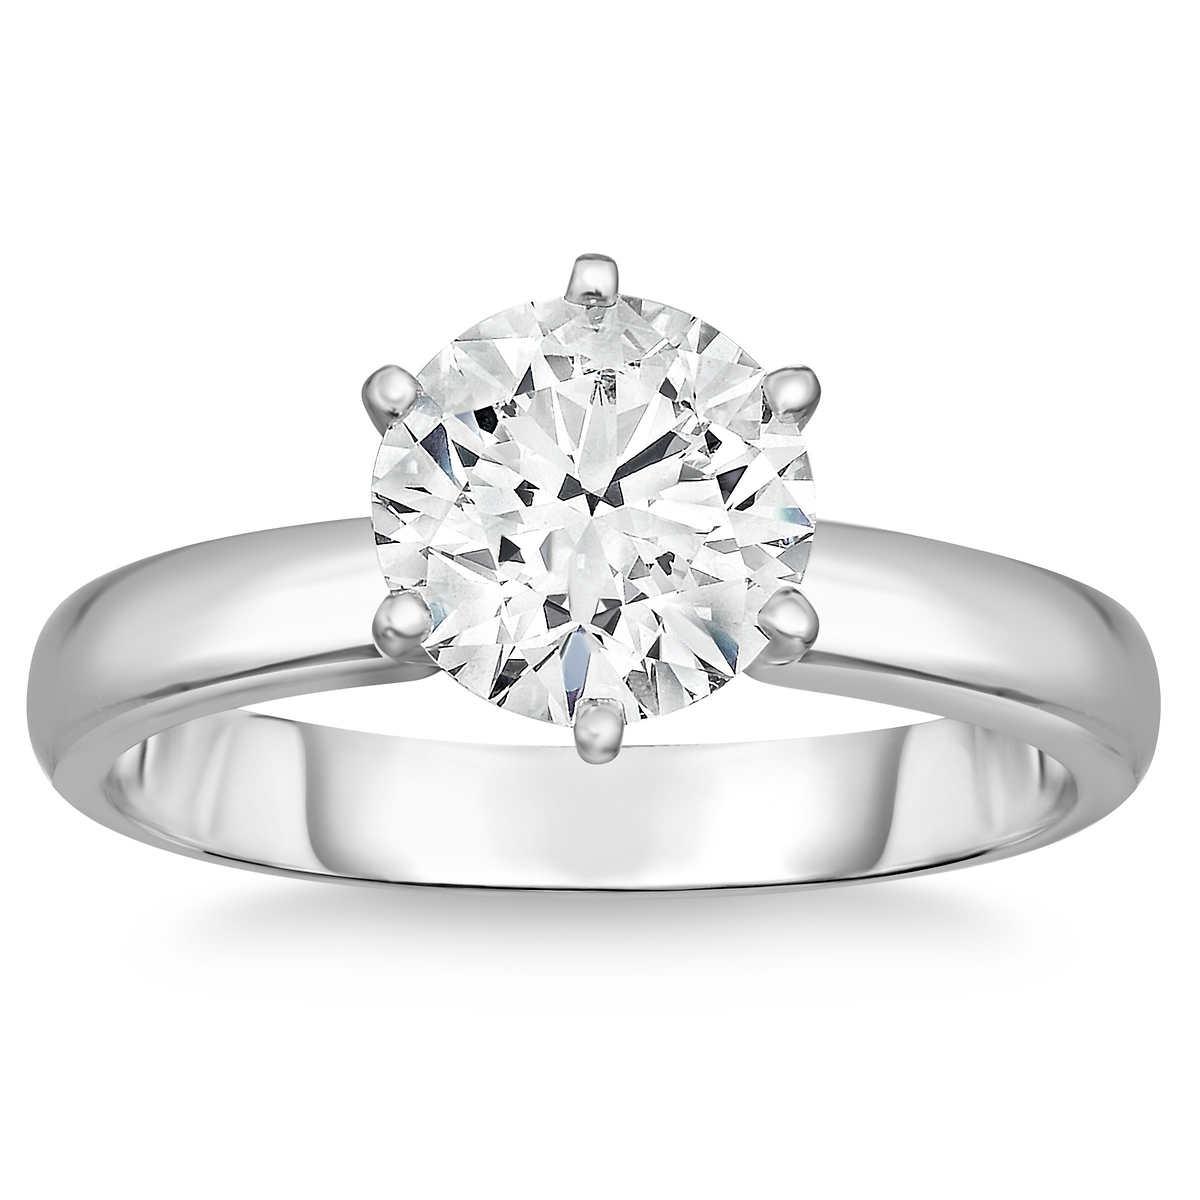 Round Brilliant 303 Ct Vvs2 Clarity, F Color Diamond Platinum Solitaire  Ring